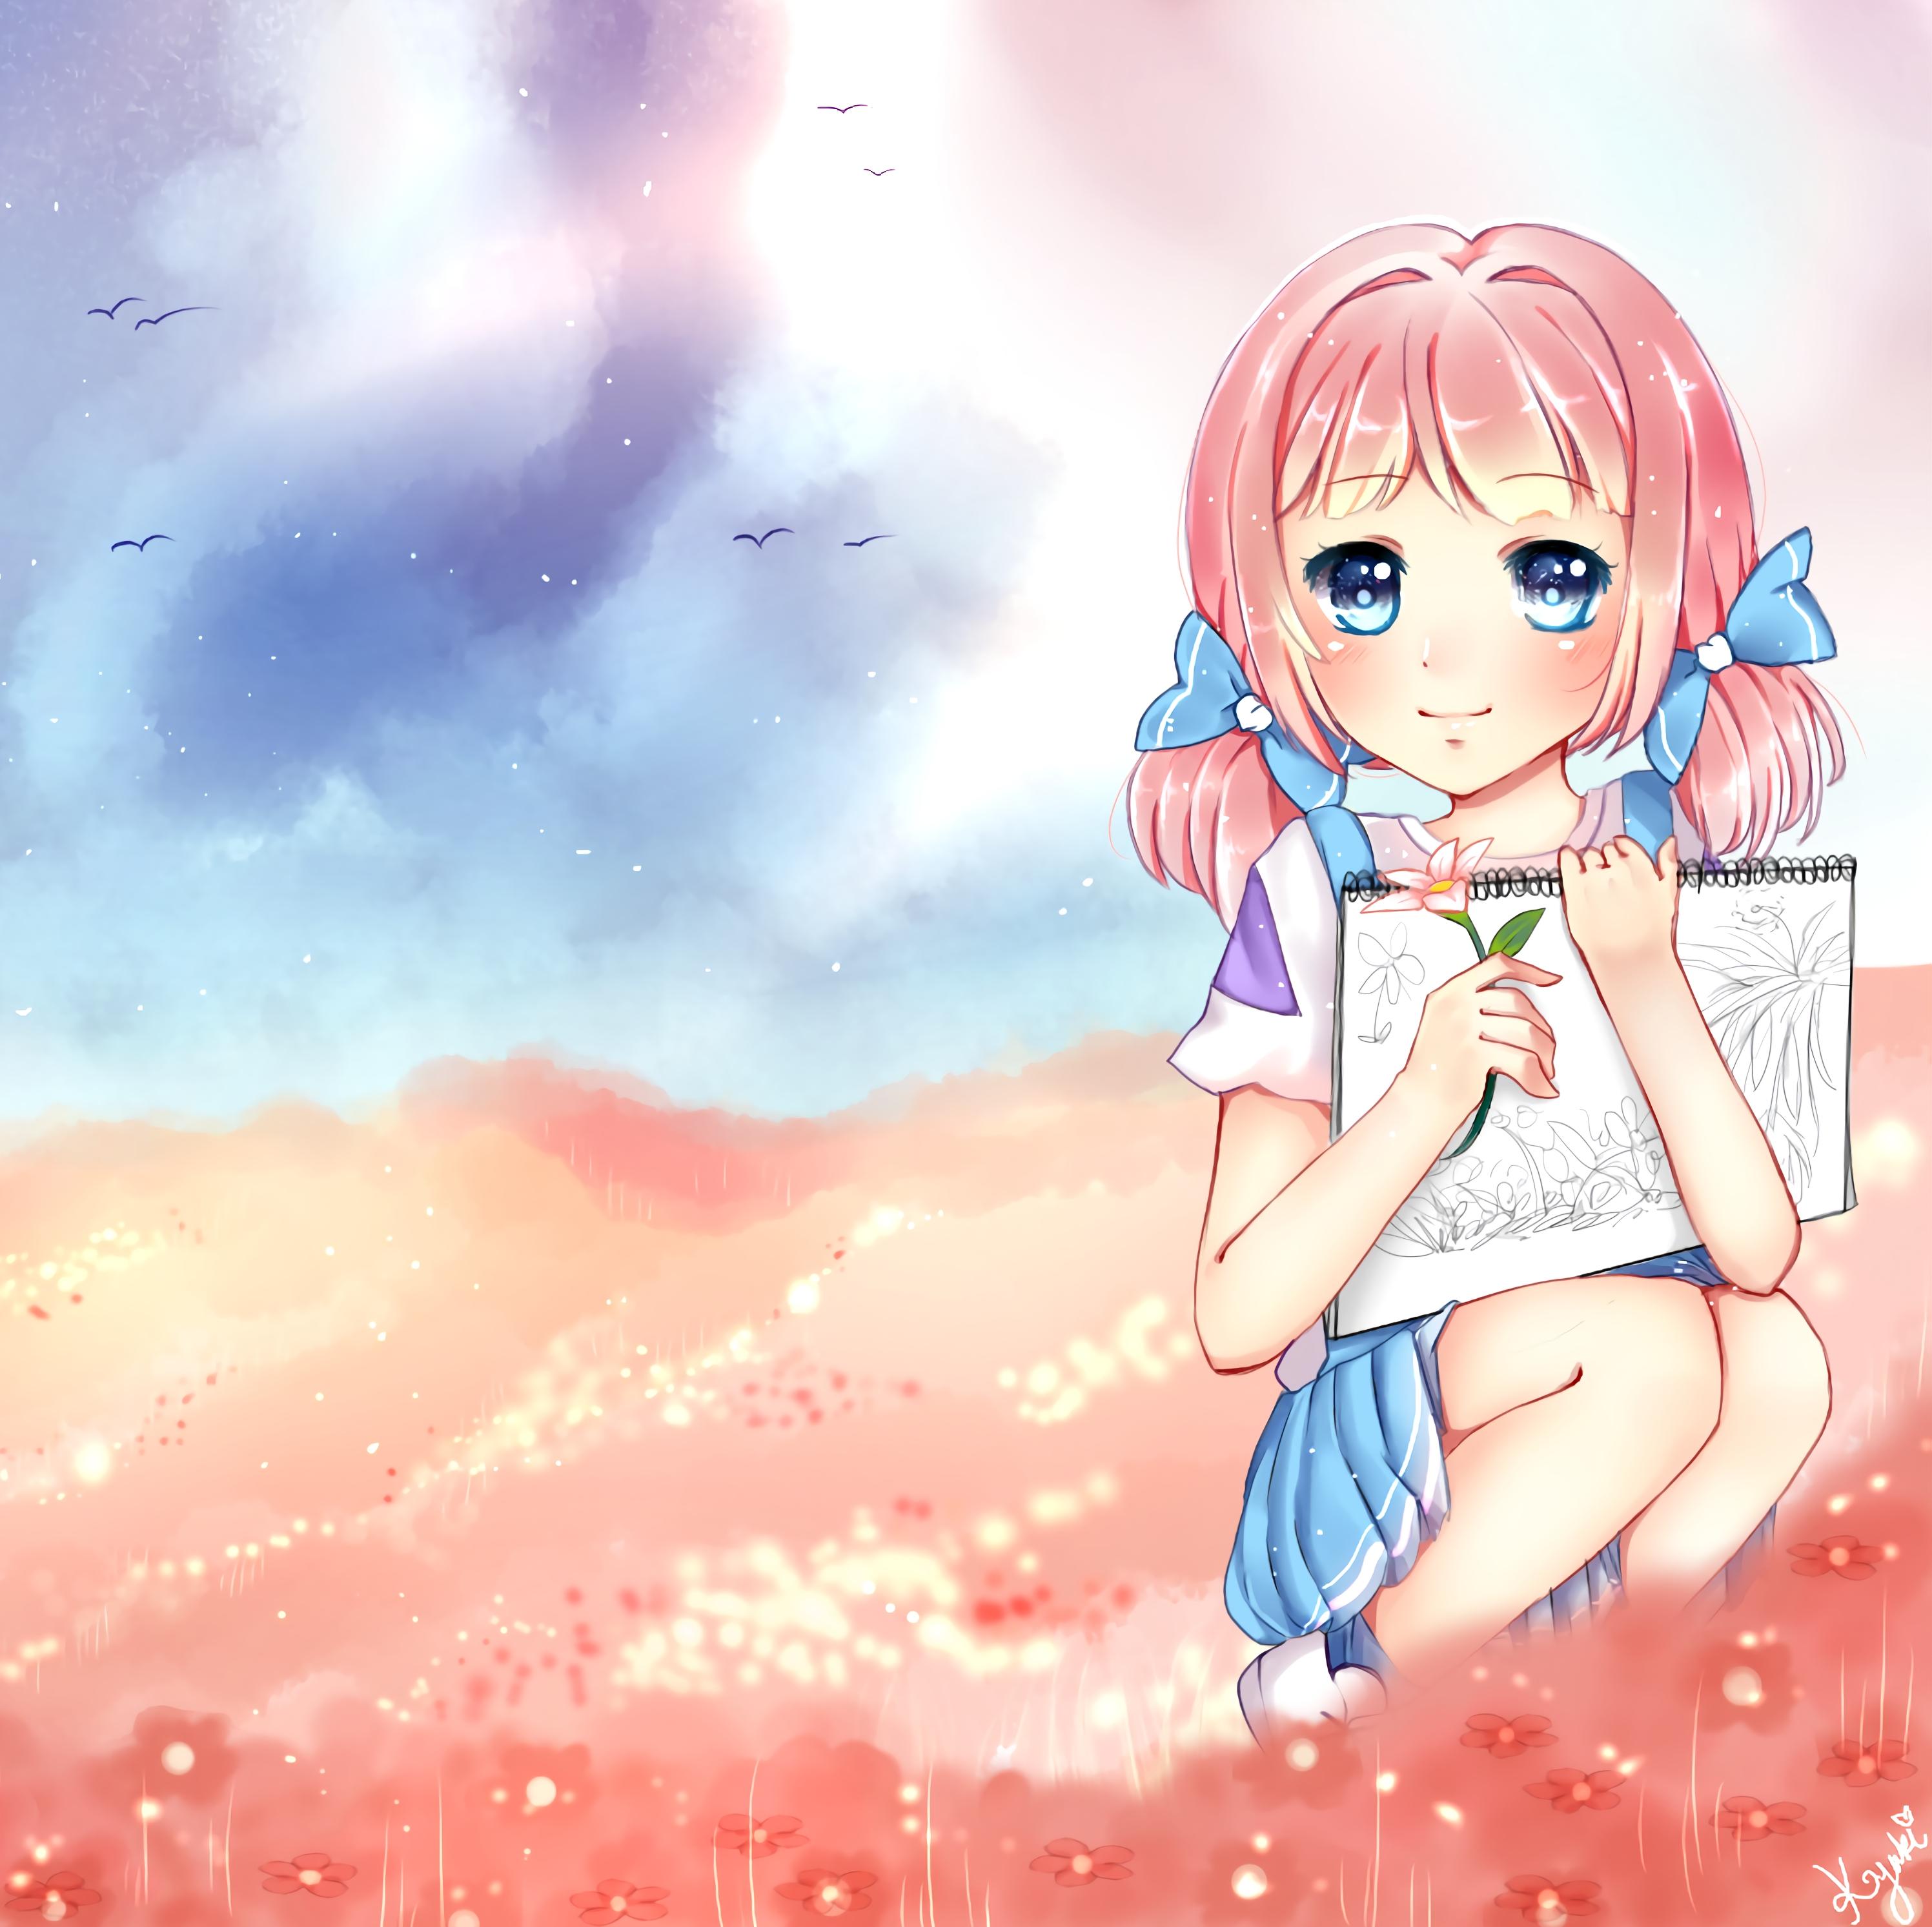 131137 Hintergrundbild herunterladen Anime, Mädchen, Kunst, Künstler, Feld, Das Mädchen - Bildschirmschoner und Bilder kostenlos